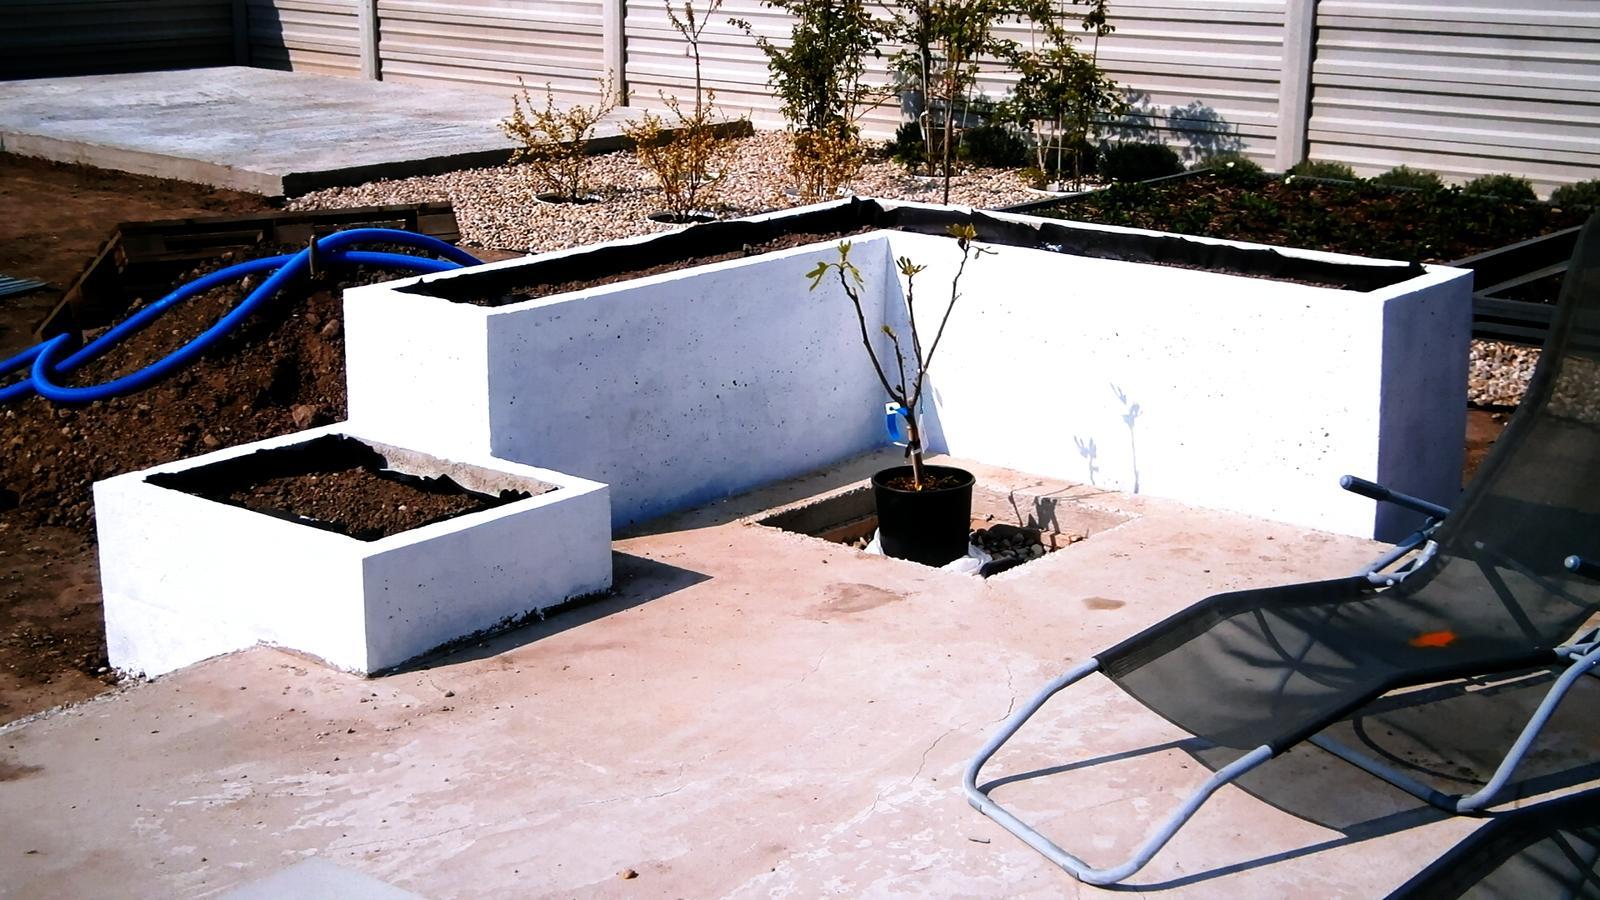 Modern Garden Linear324 - naša prímorská - prve natretie... nejako mi to nereze, neviem ci natriem este raz farbou a necham na pokoji, alebo to obohnat omietkou 2mm ??? co myslite?